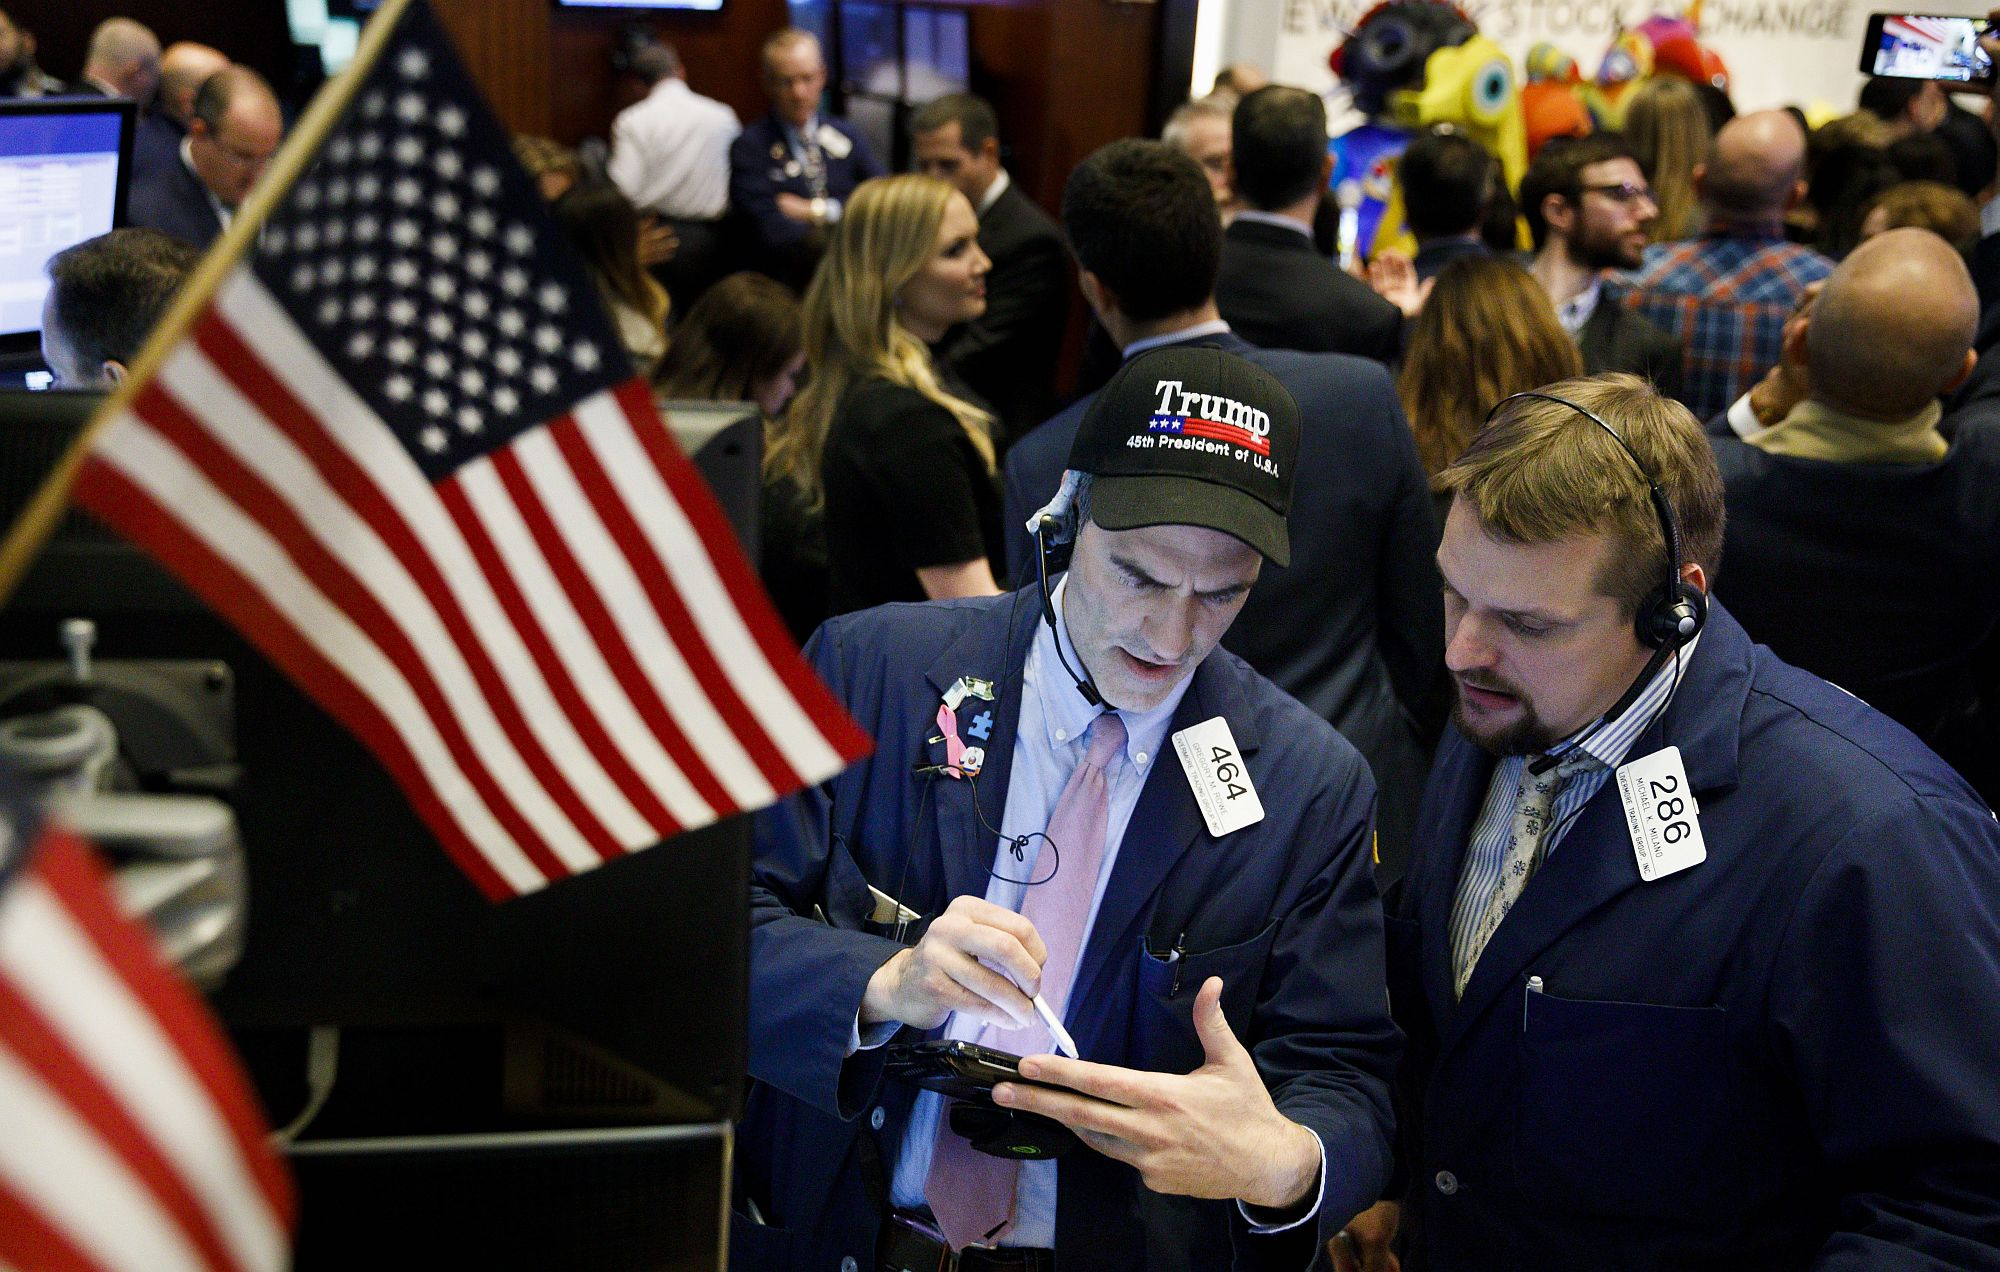 Tőzsdei kereskedő Trump sapkában a New York-i Értéktőzsdén 2017. november 30-án a kereskedési nap végén, miután a Dow Jones index először lépte át a 24.000 ponto szintet. EPA/JUSTIN LANE